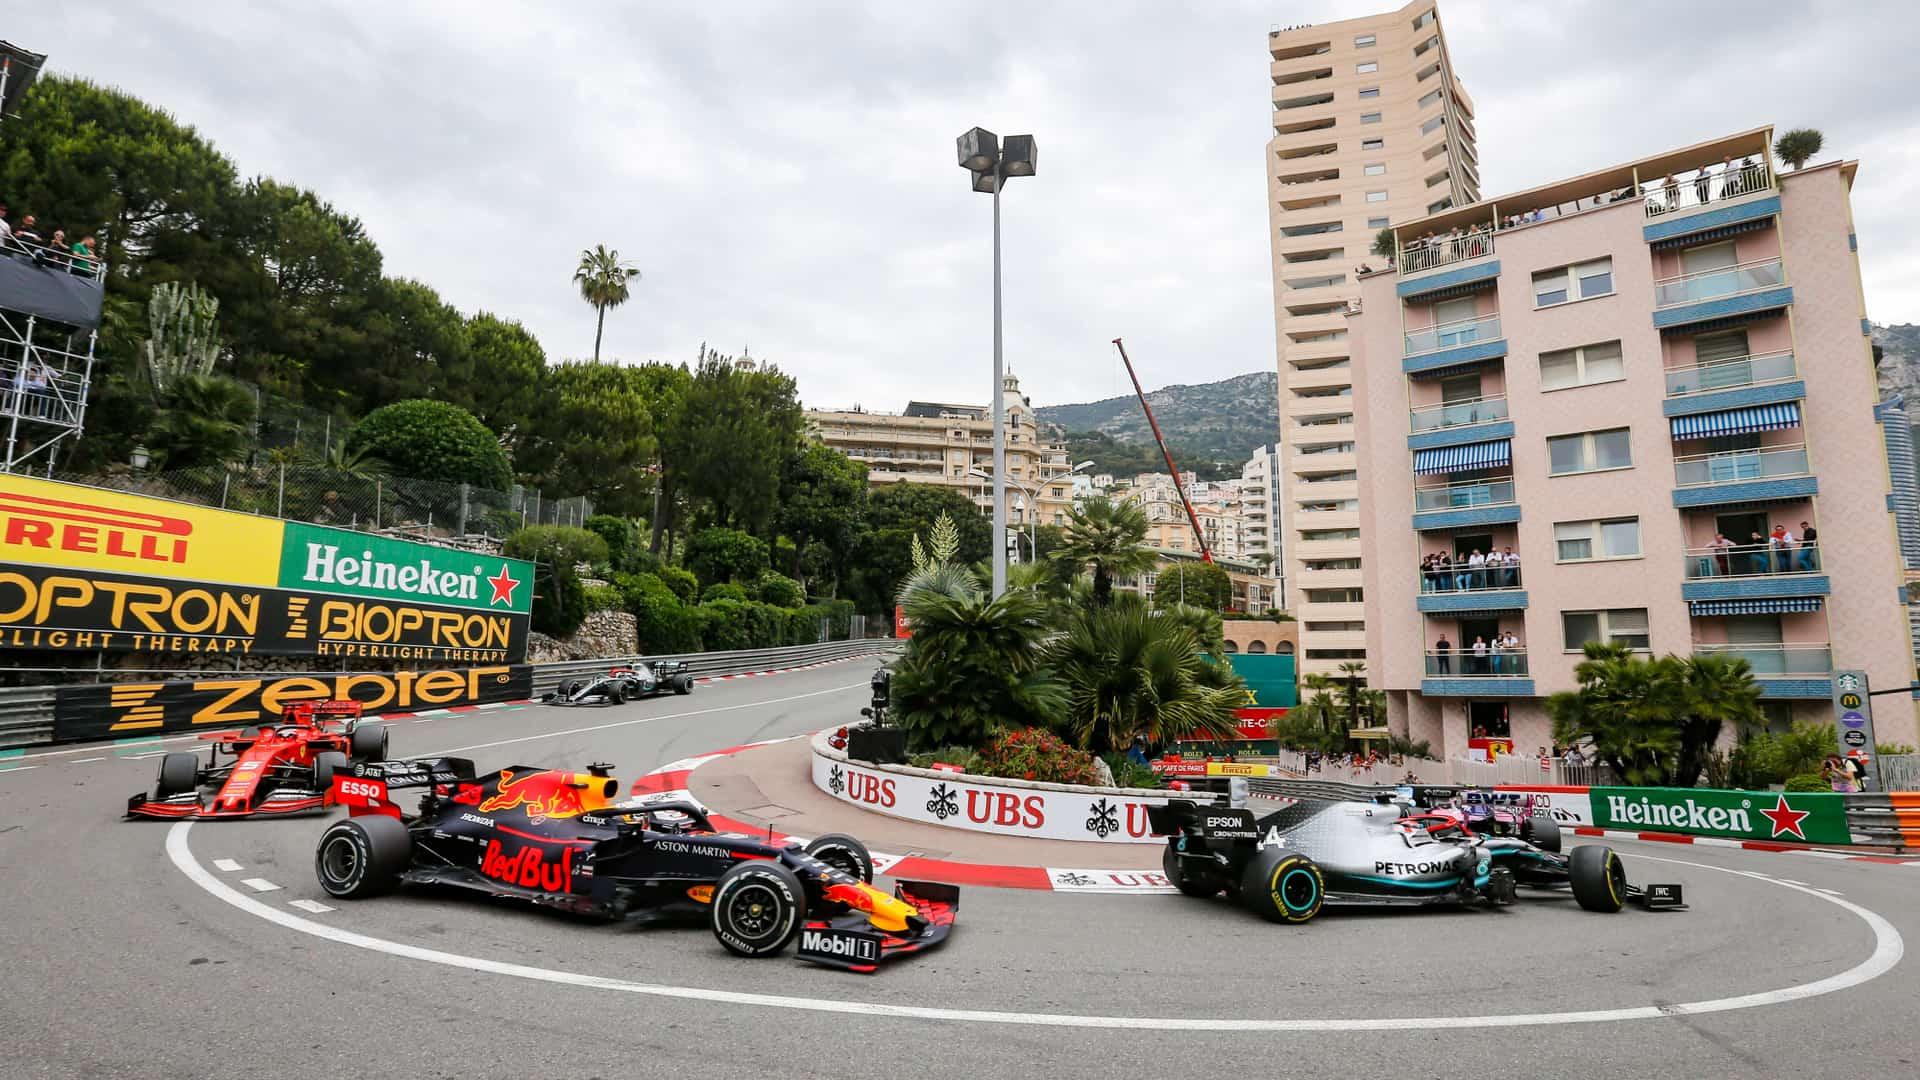 Gran Premio de Mónaco 2021 de Fórmula 1: opciones de TV, fechas horarios y datos